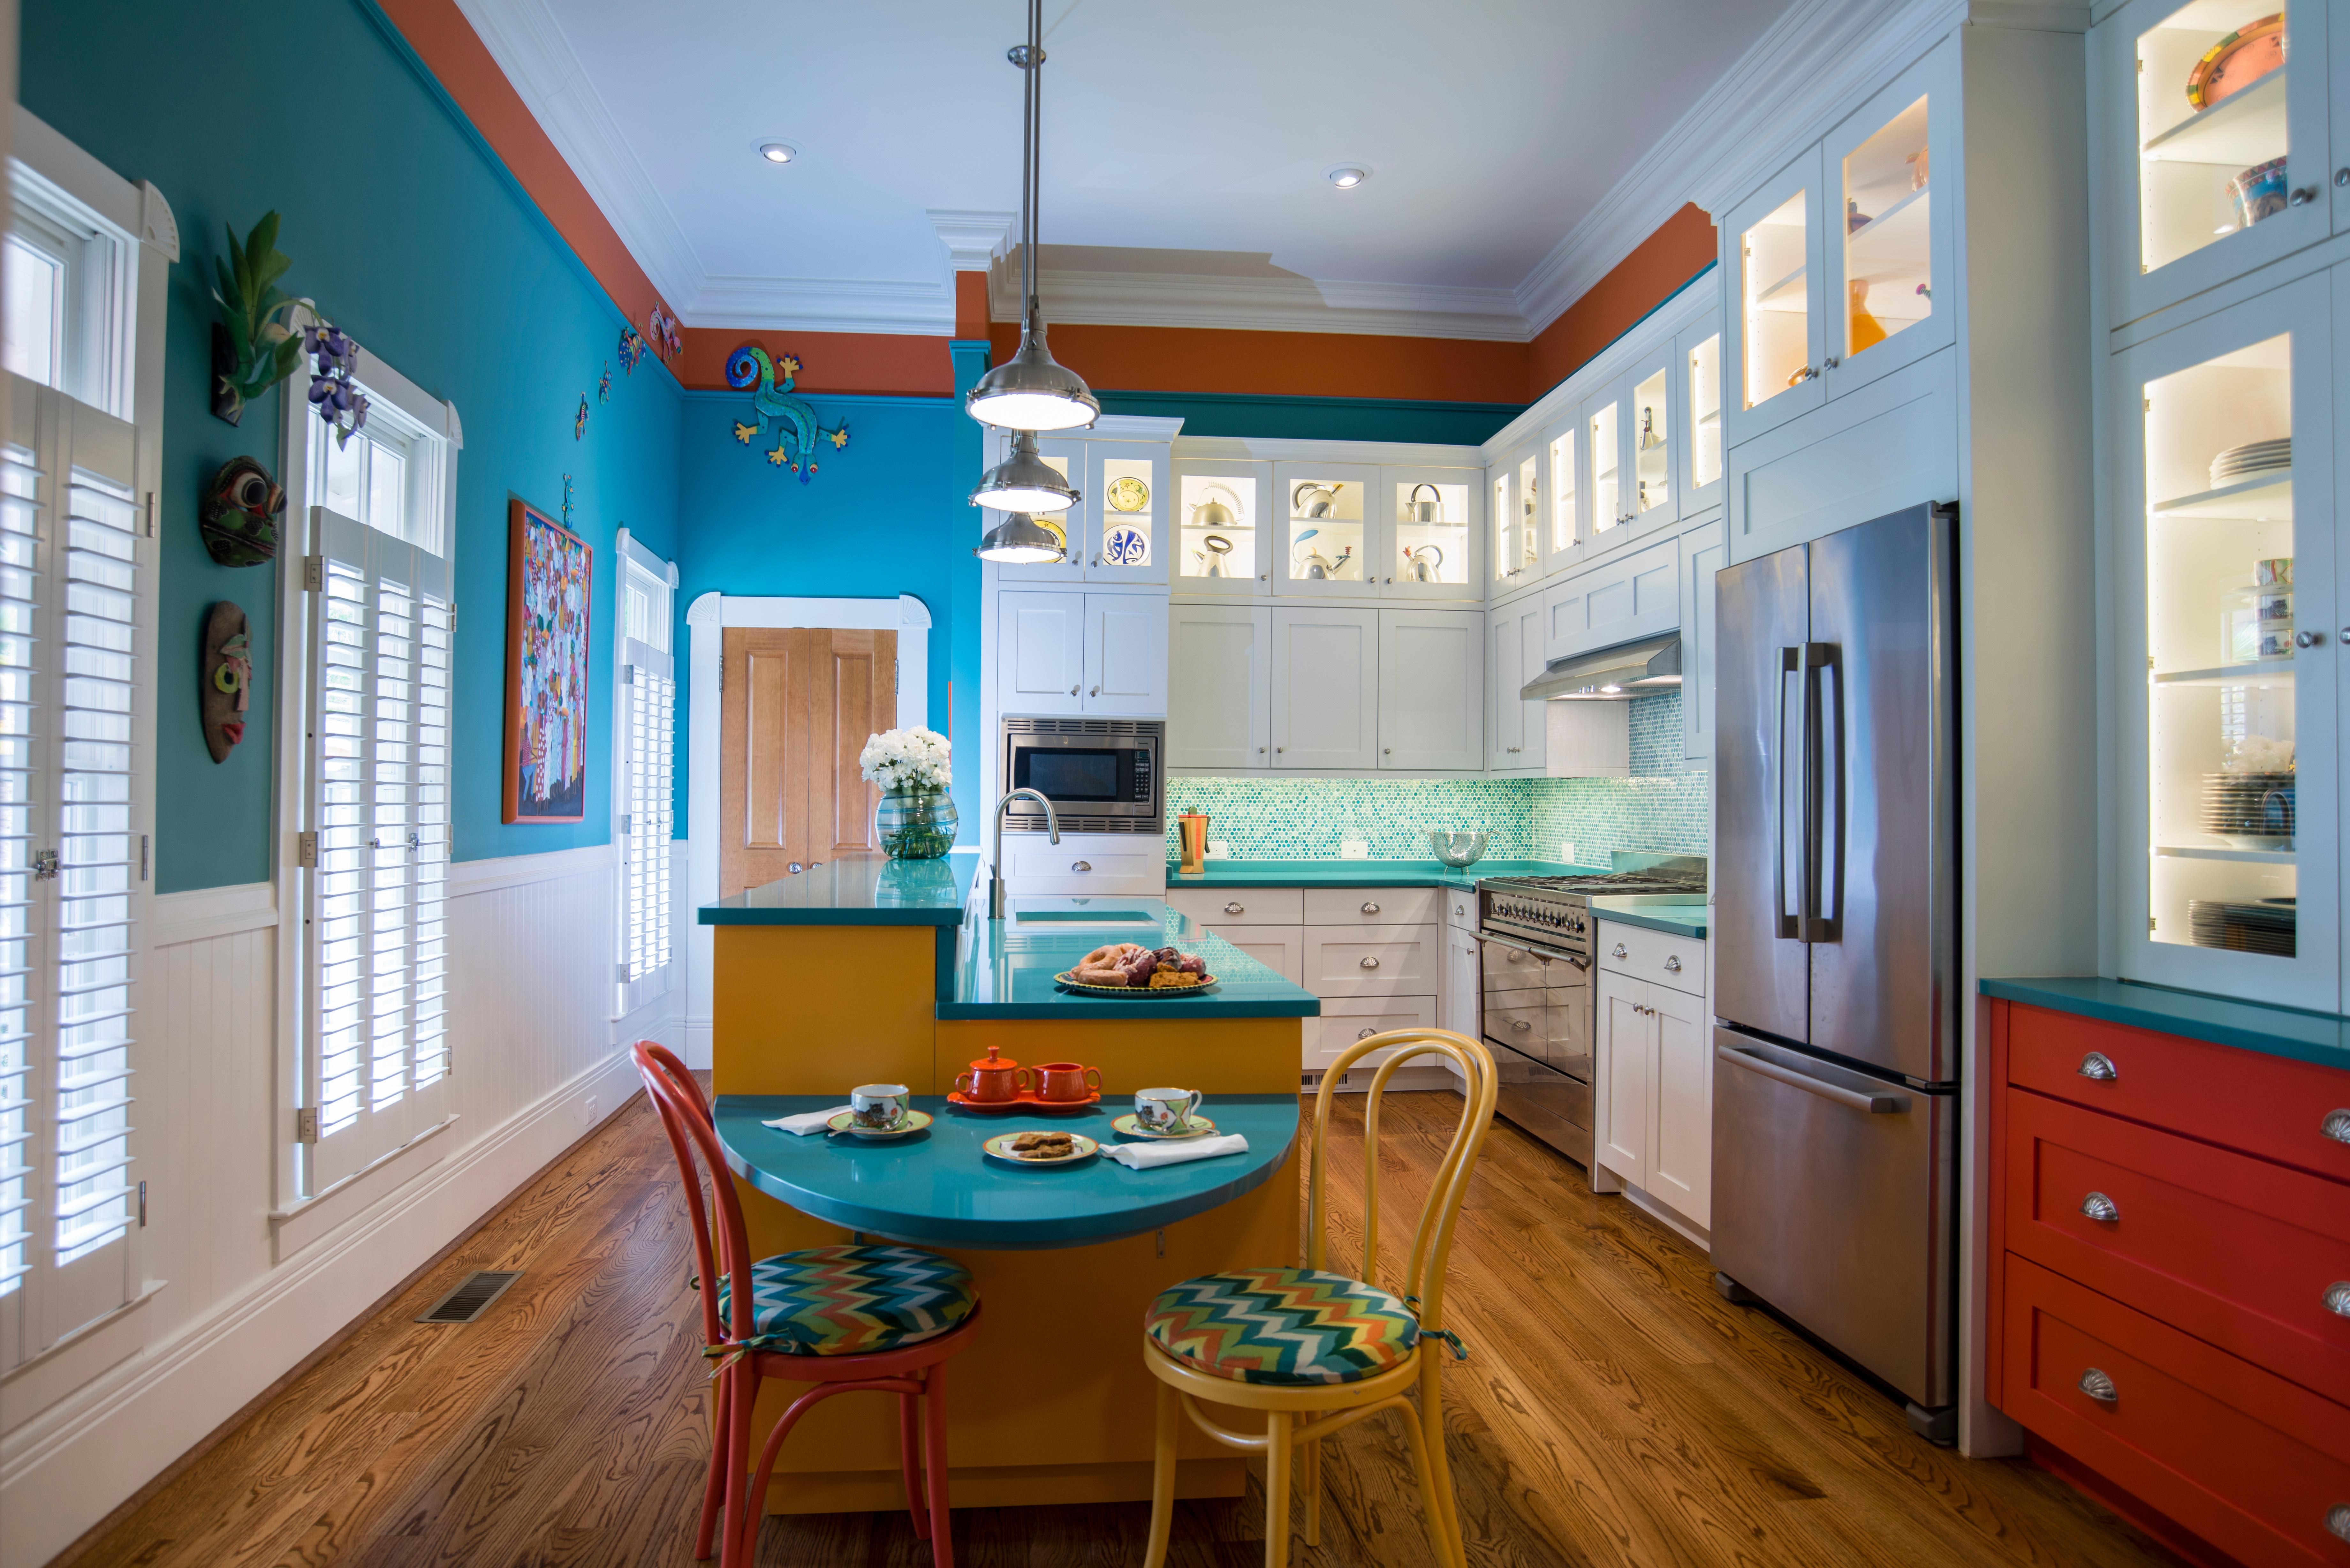 7a kitchen.jpg